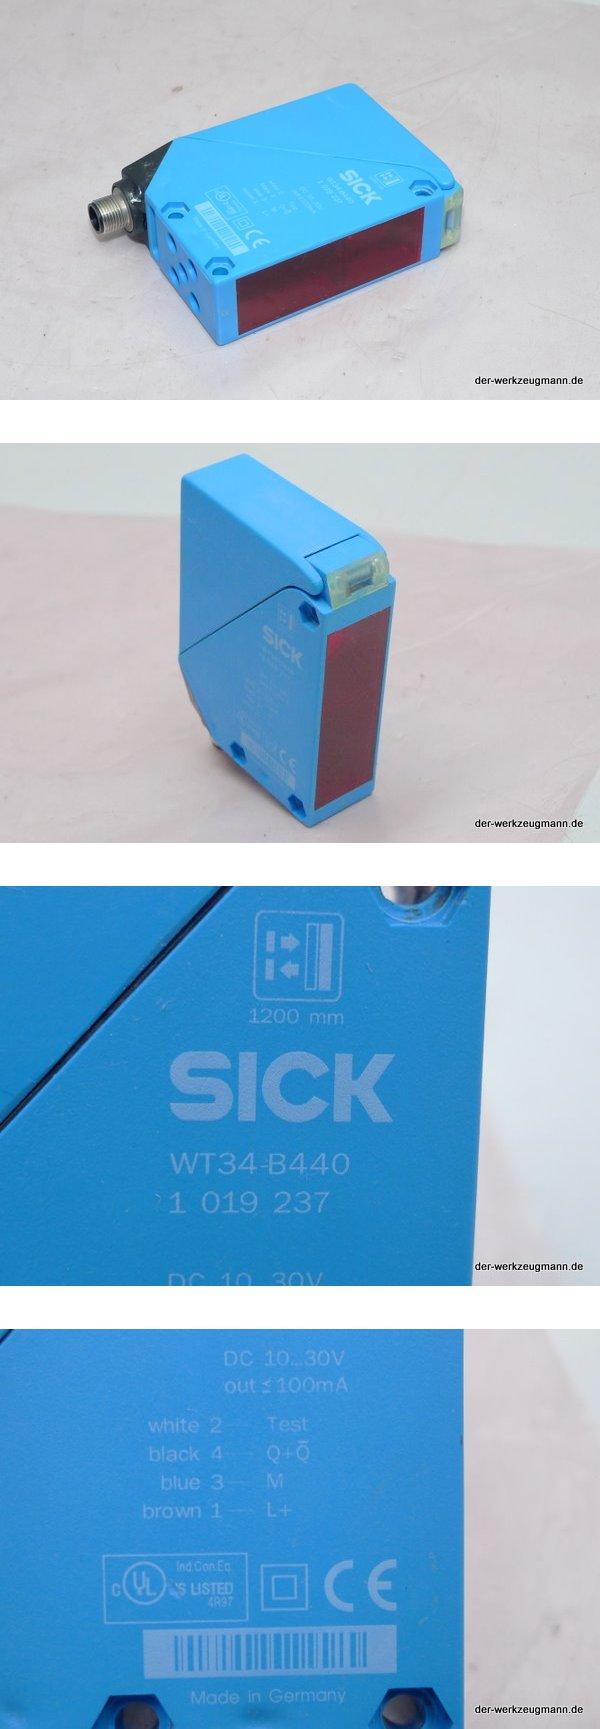 Sick Reflexlichttaster Lichtschranke WT34-B440 1019237 WT-34